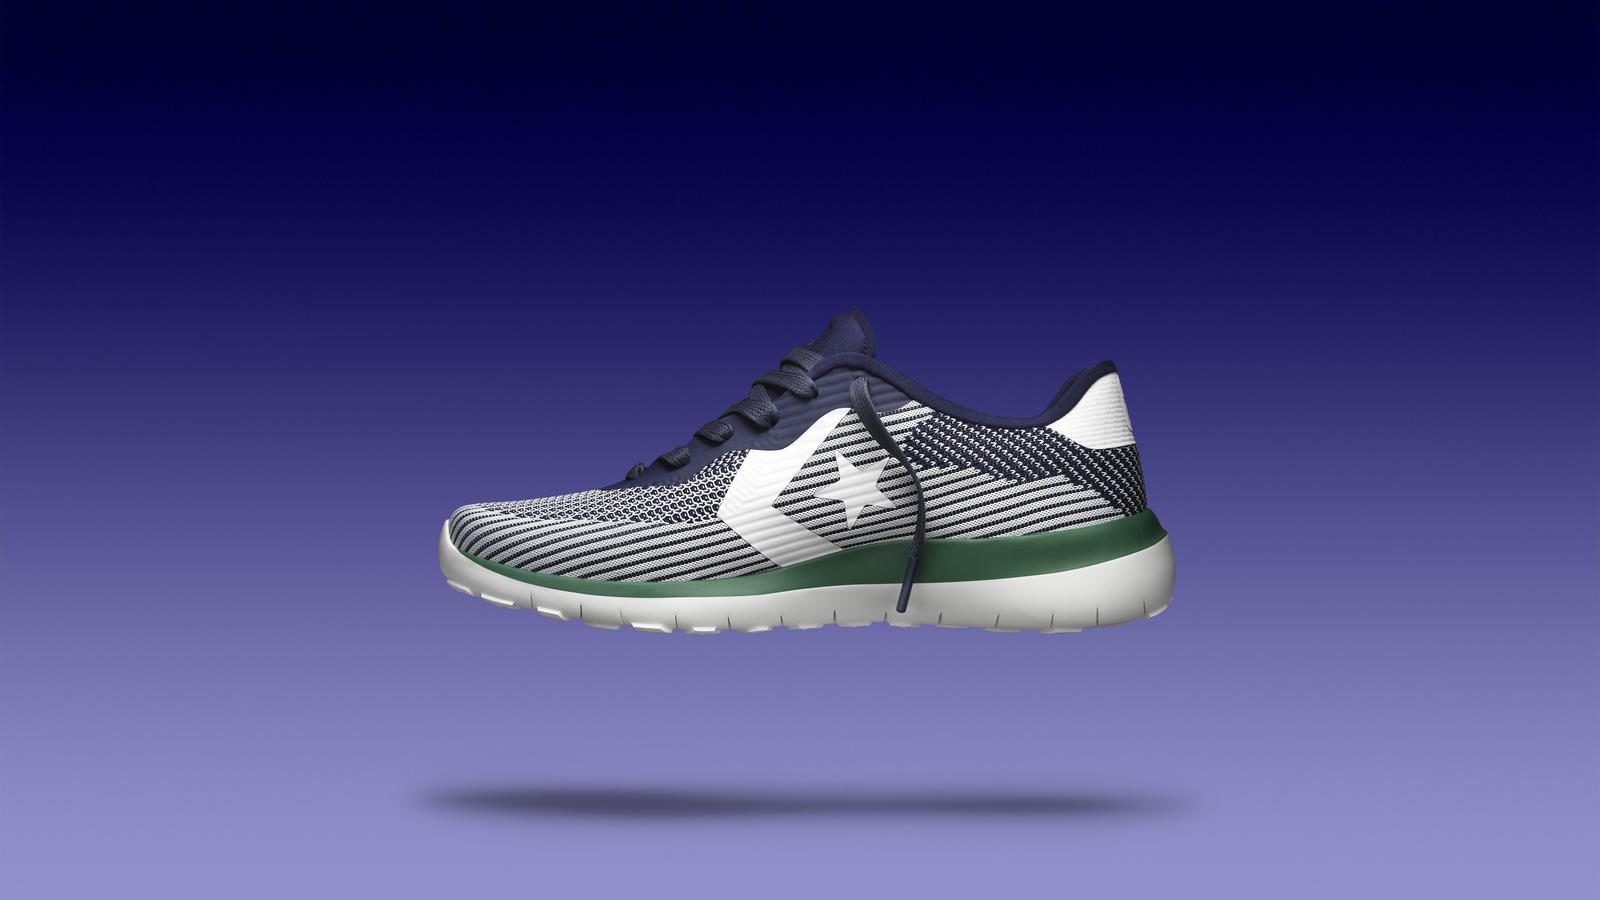 89c64ec53b13 299357 Thunderbolt Modern Blue Medial. 299488 Thunderbolt Modern Green Toe.  299486 Thunderbolt Modern Burgandy Heel.  299489 Thunderbolt Modern Black TopDown